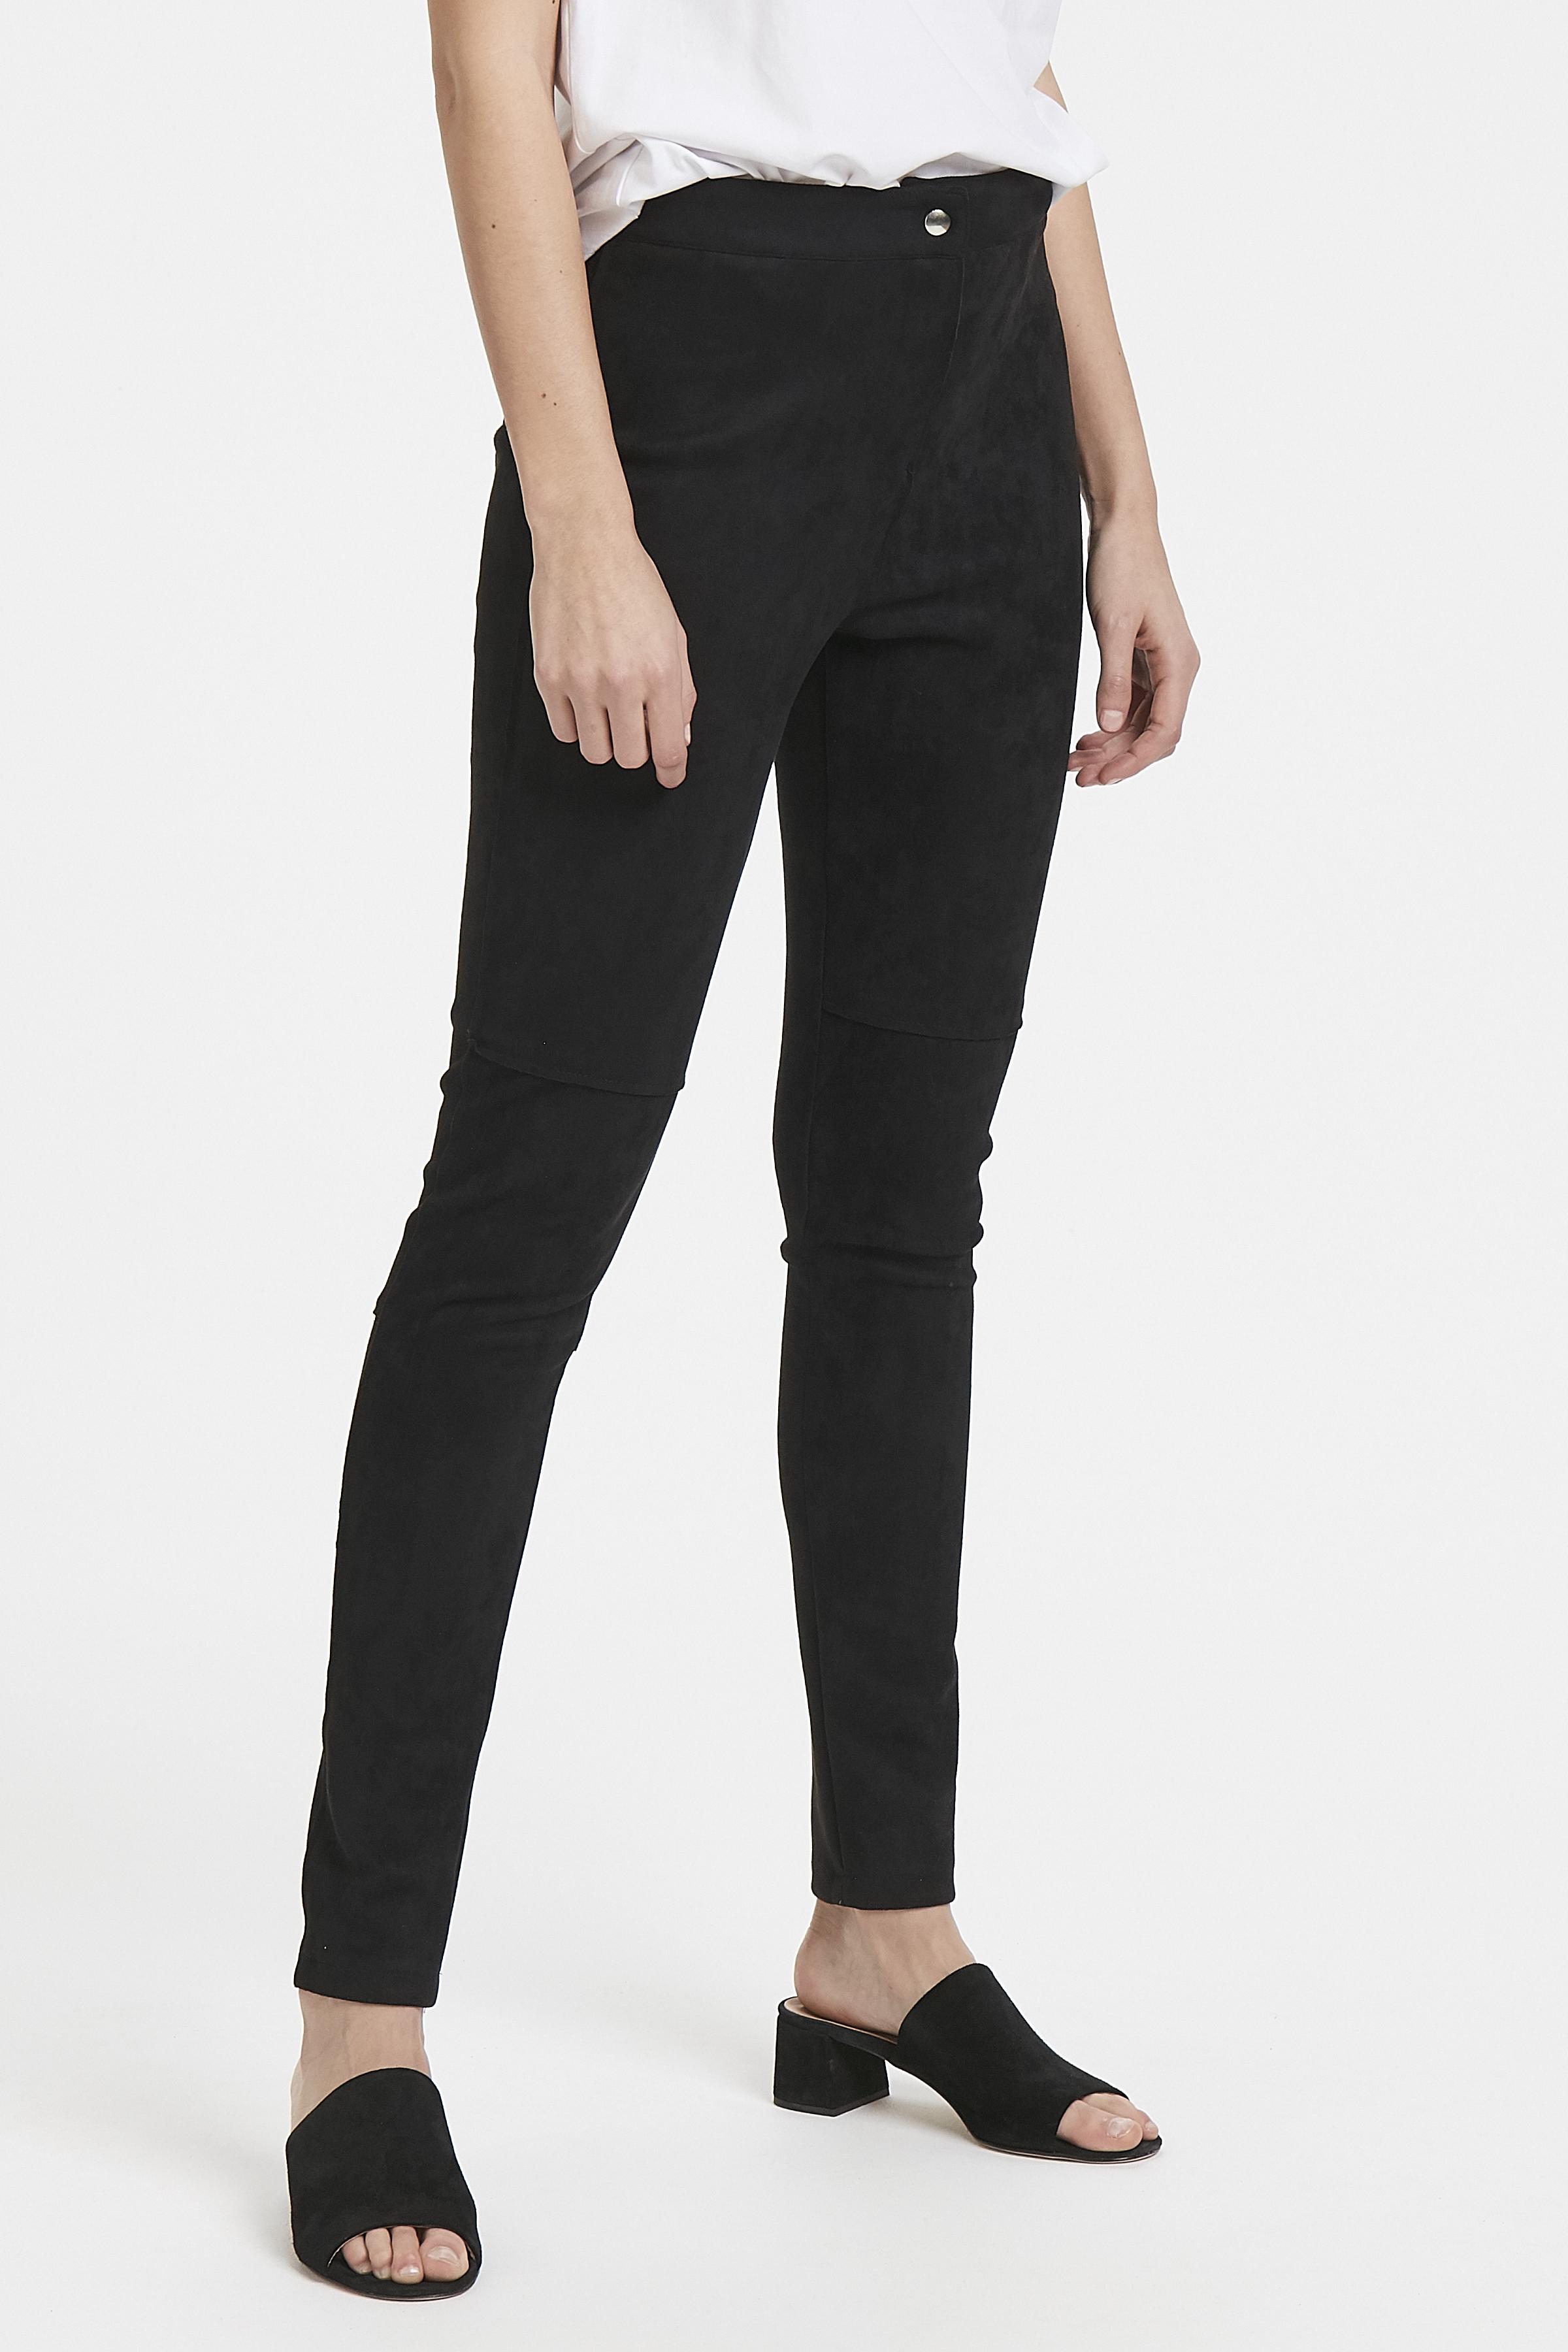 Black Leggings från b.young – Köp Black Leggings från storlek 34-44 här